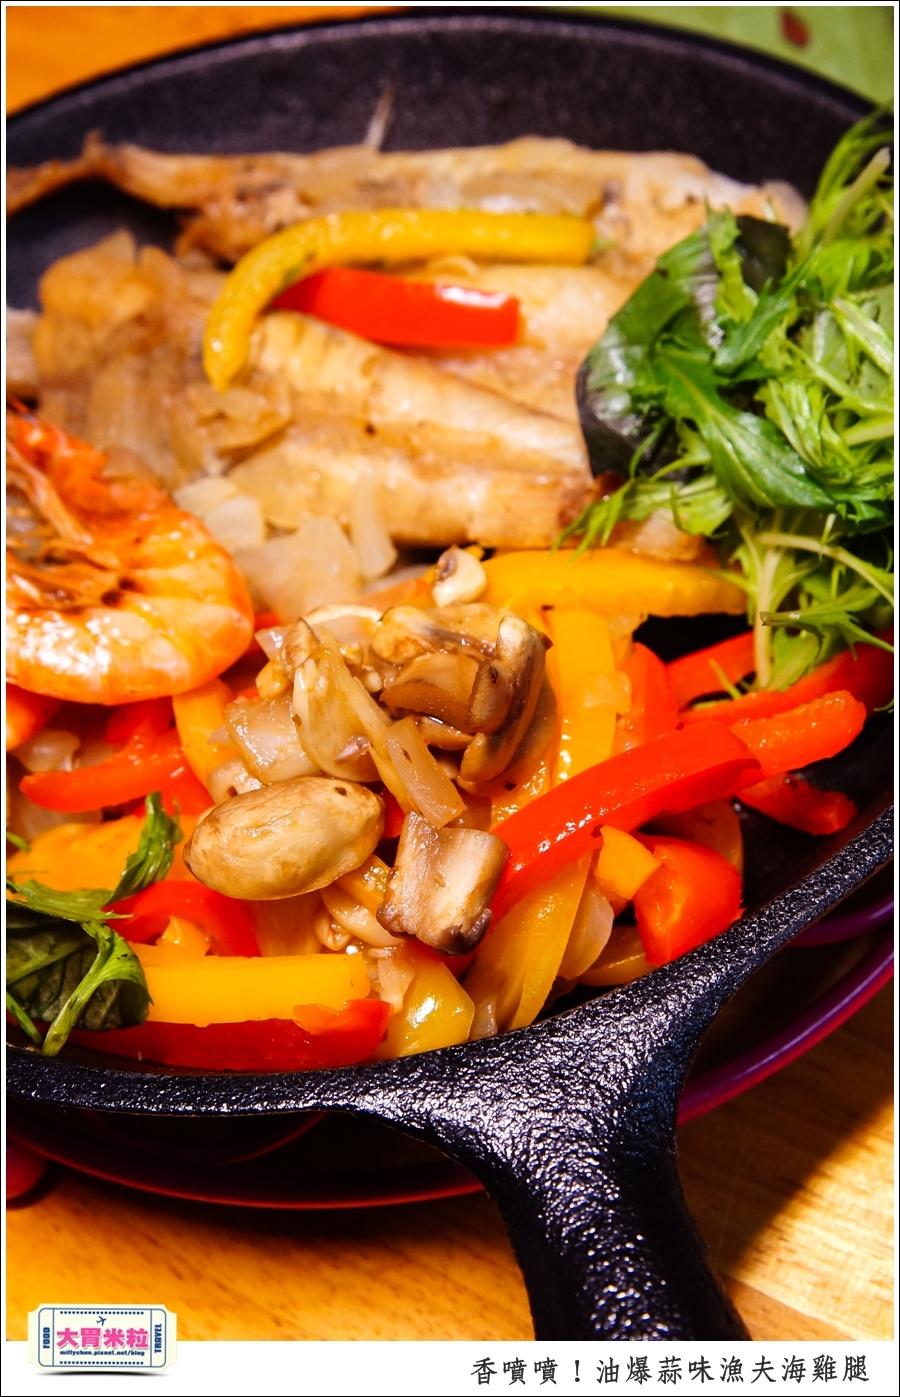 油爆蒜味漁夫海雞腿x梅爾雷赫頂級初榨橄欖油@大胃米粒0023.jpg